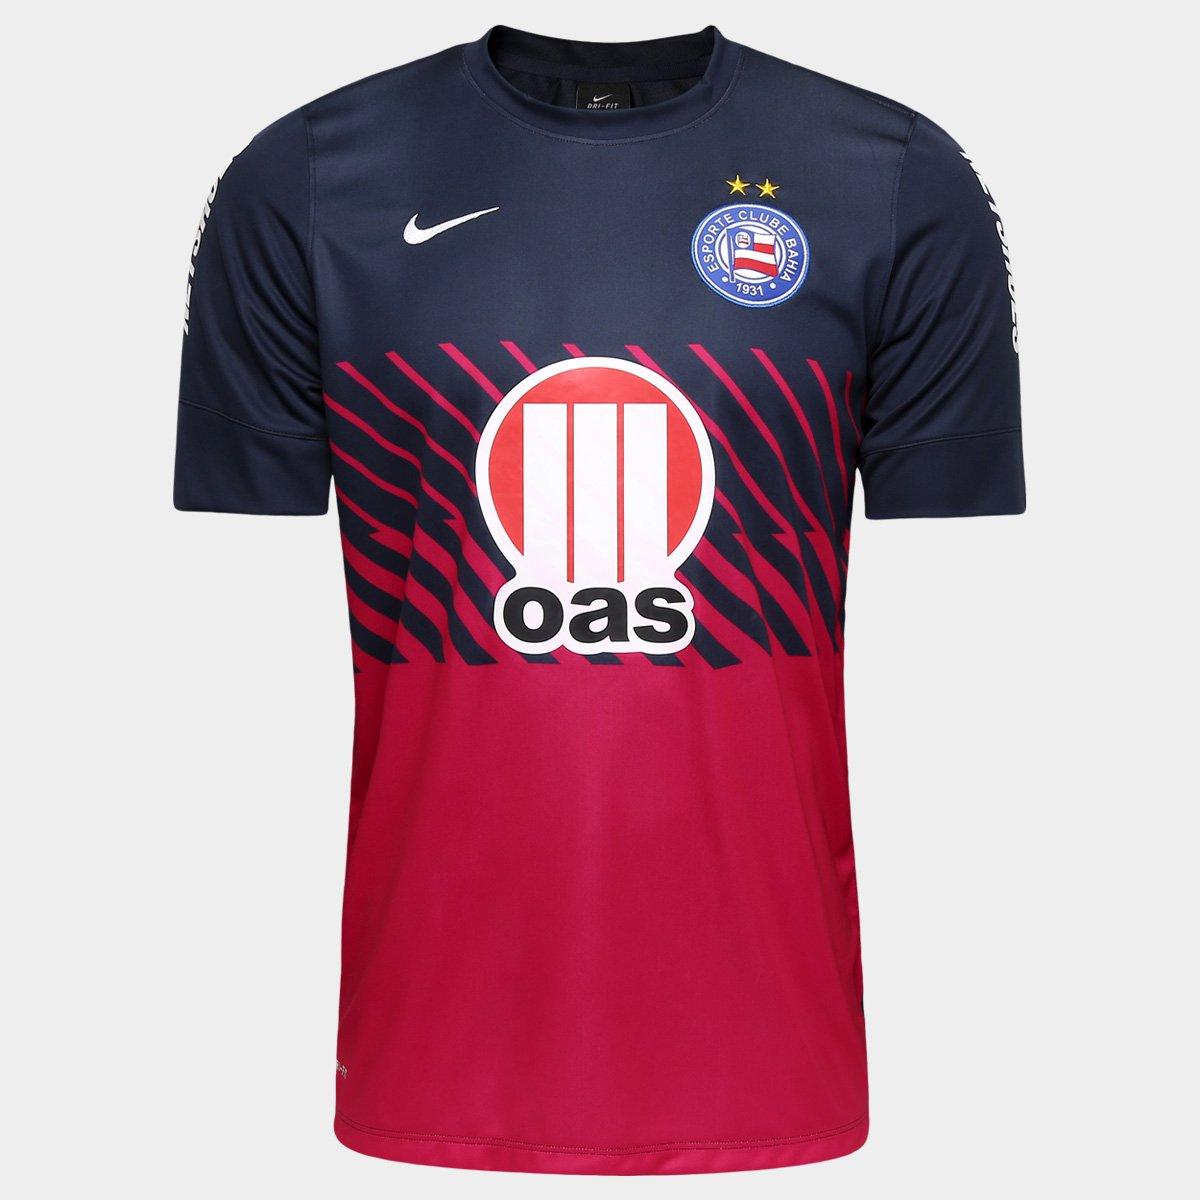 3e604170b9 Camisa Nike Bahia Pre Match 13 14 - Compre Agora